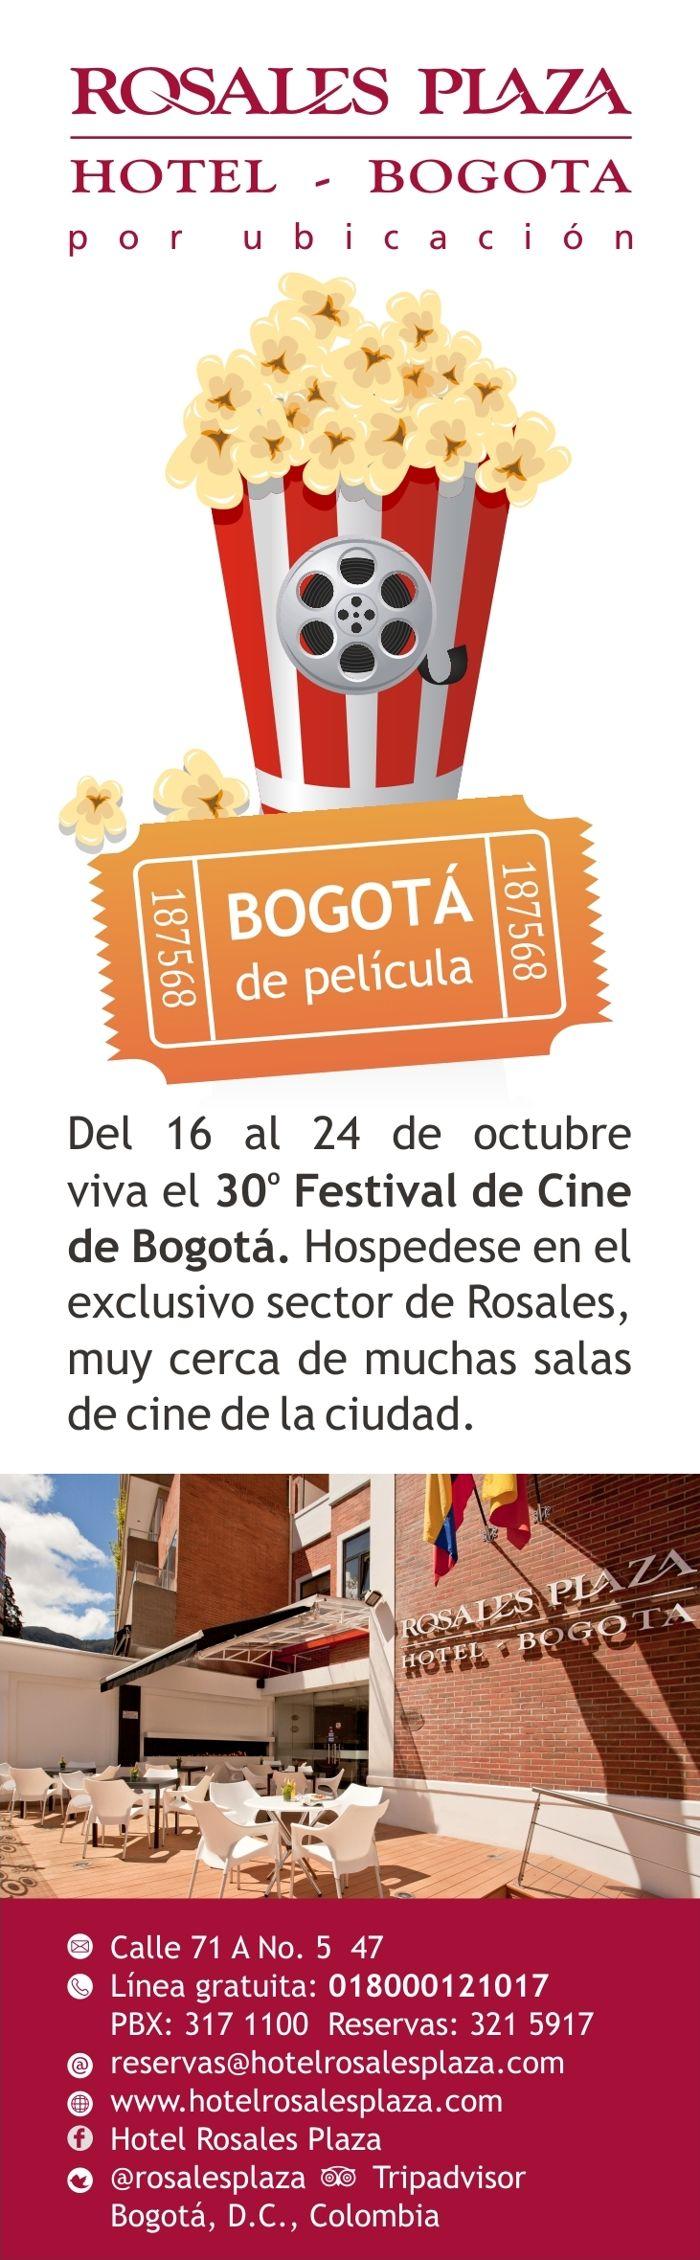 Bogotá de pelicula